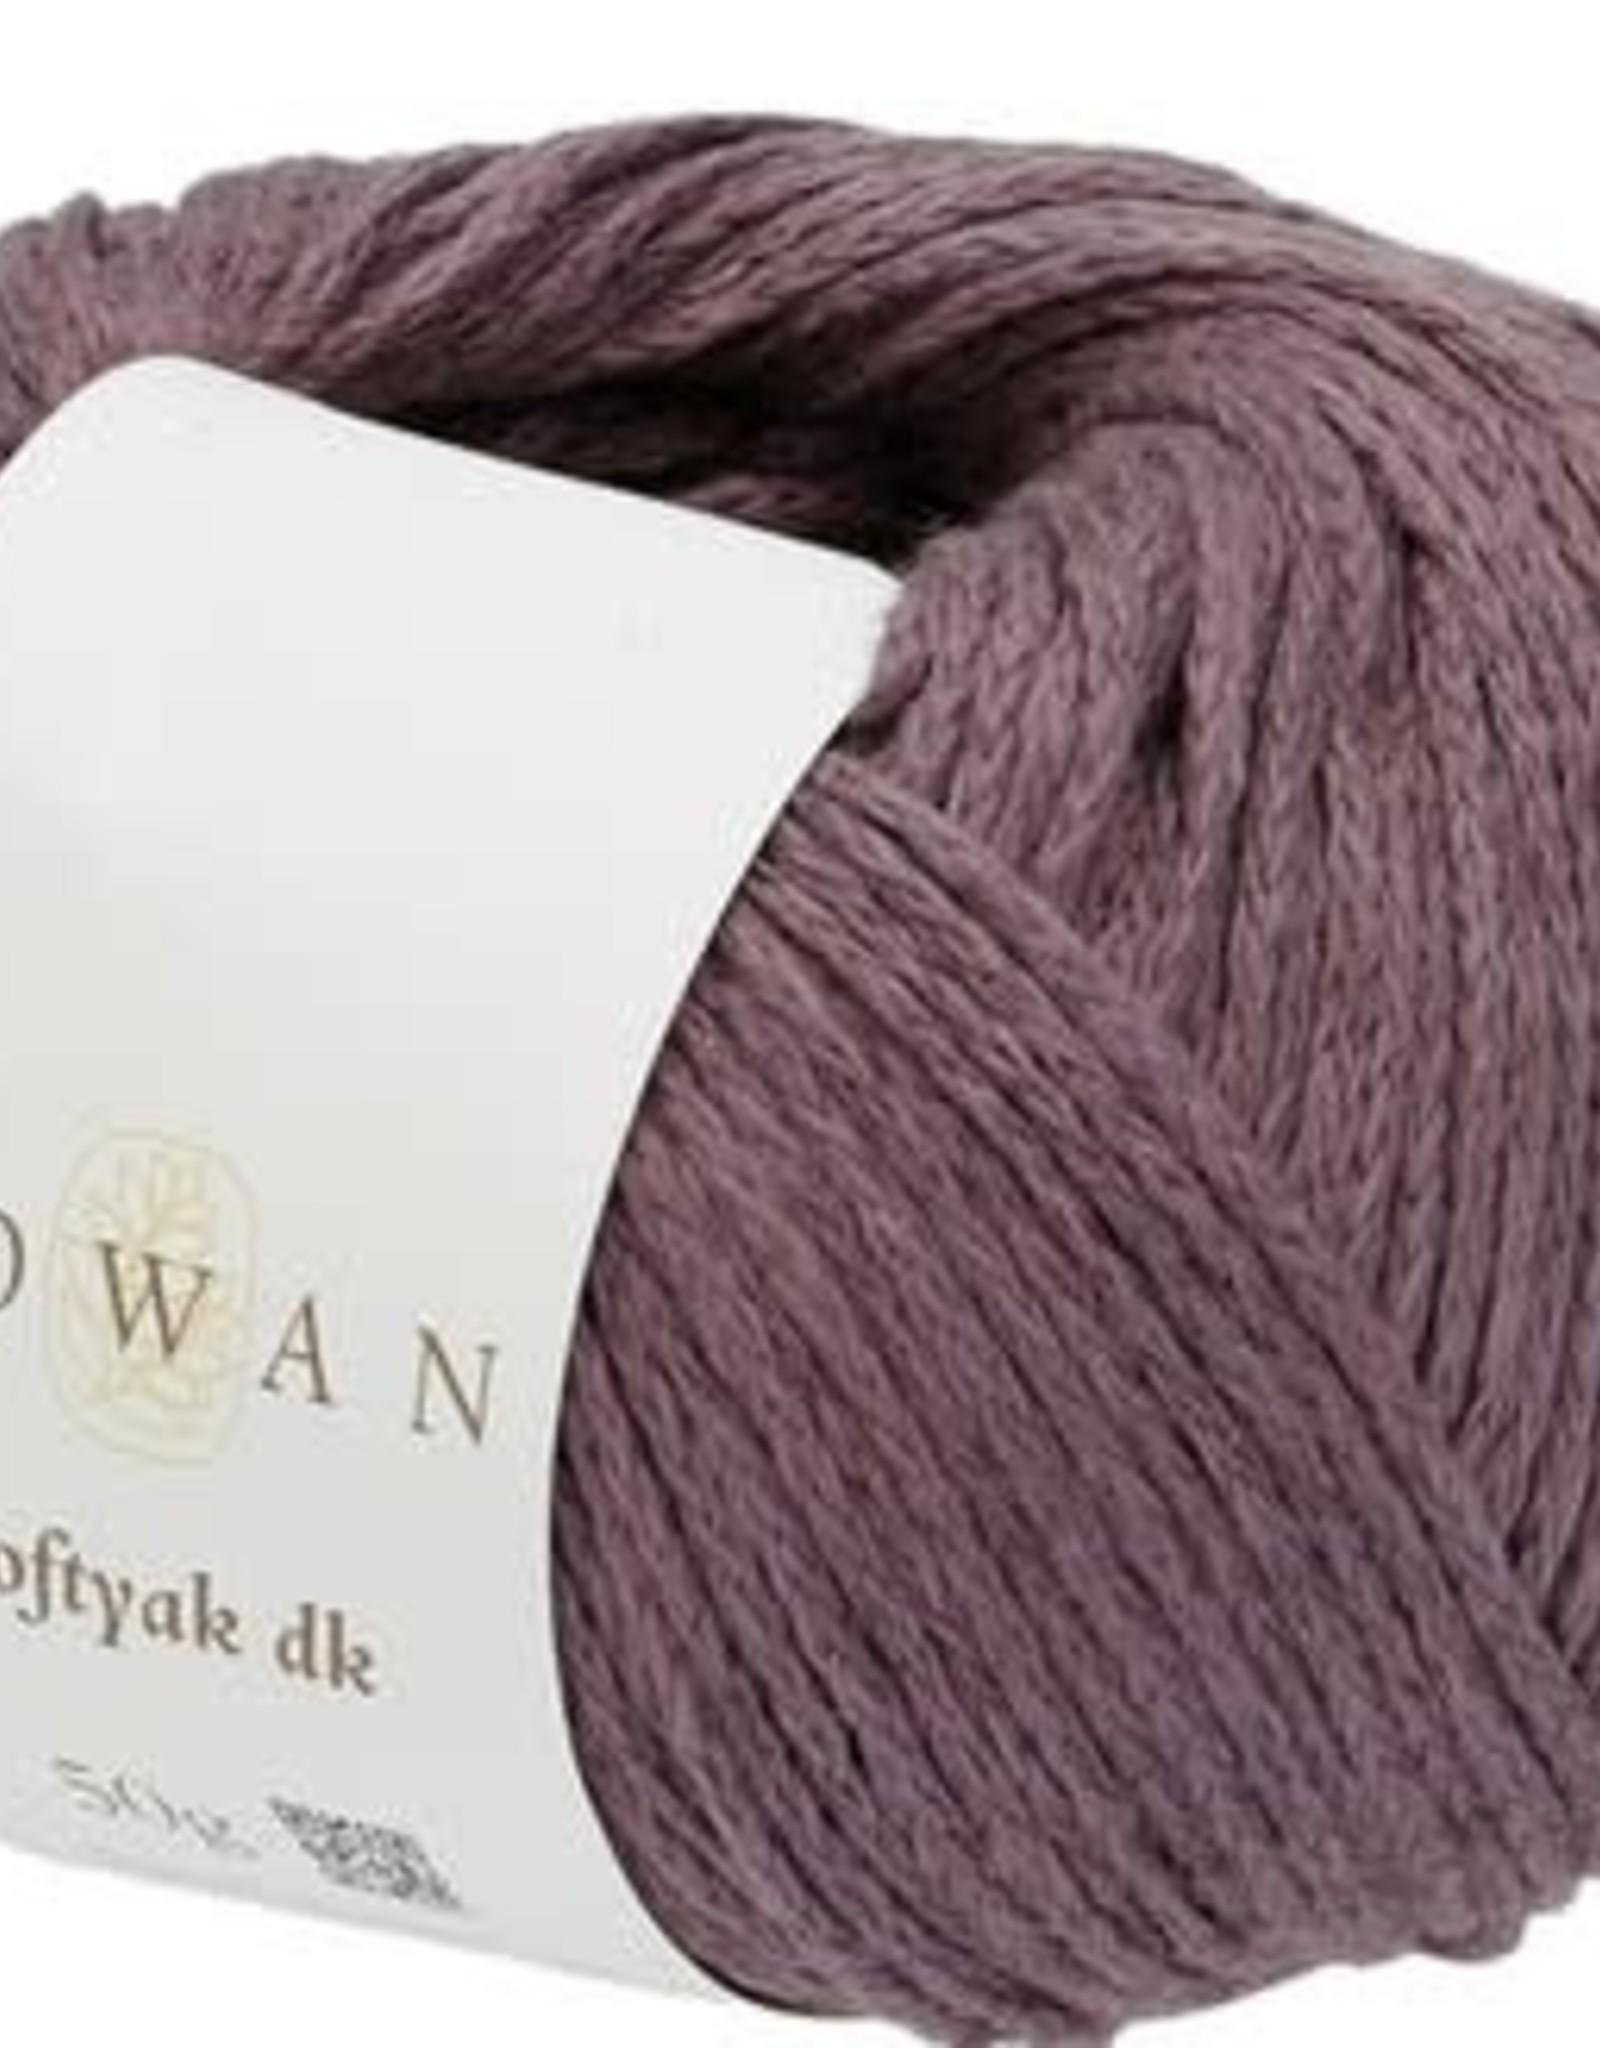 Rowan Softyak DK